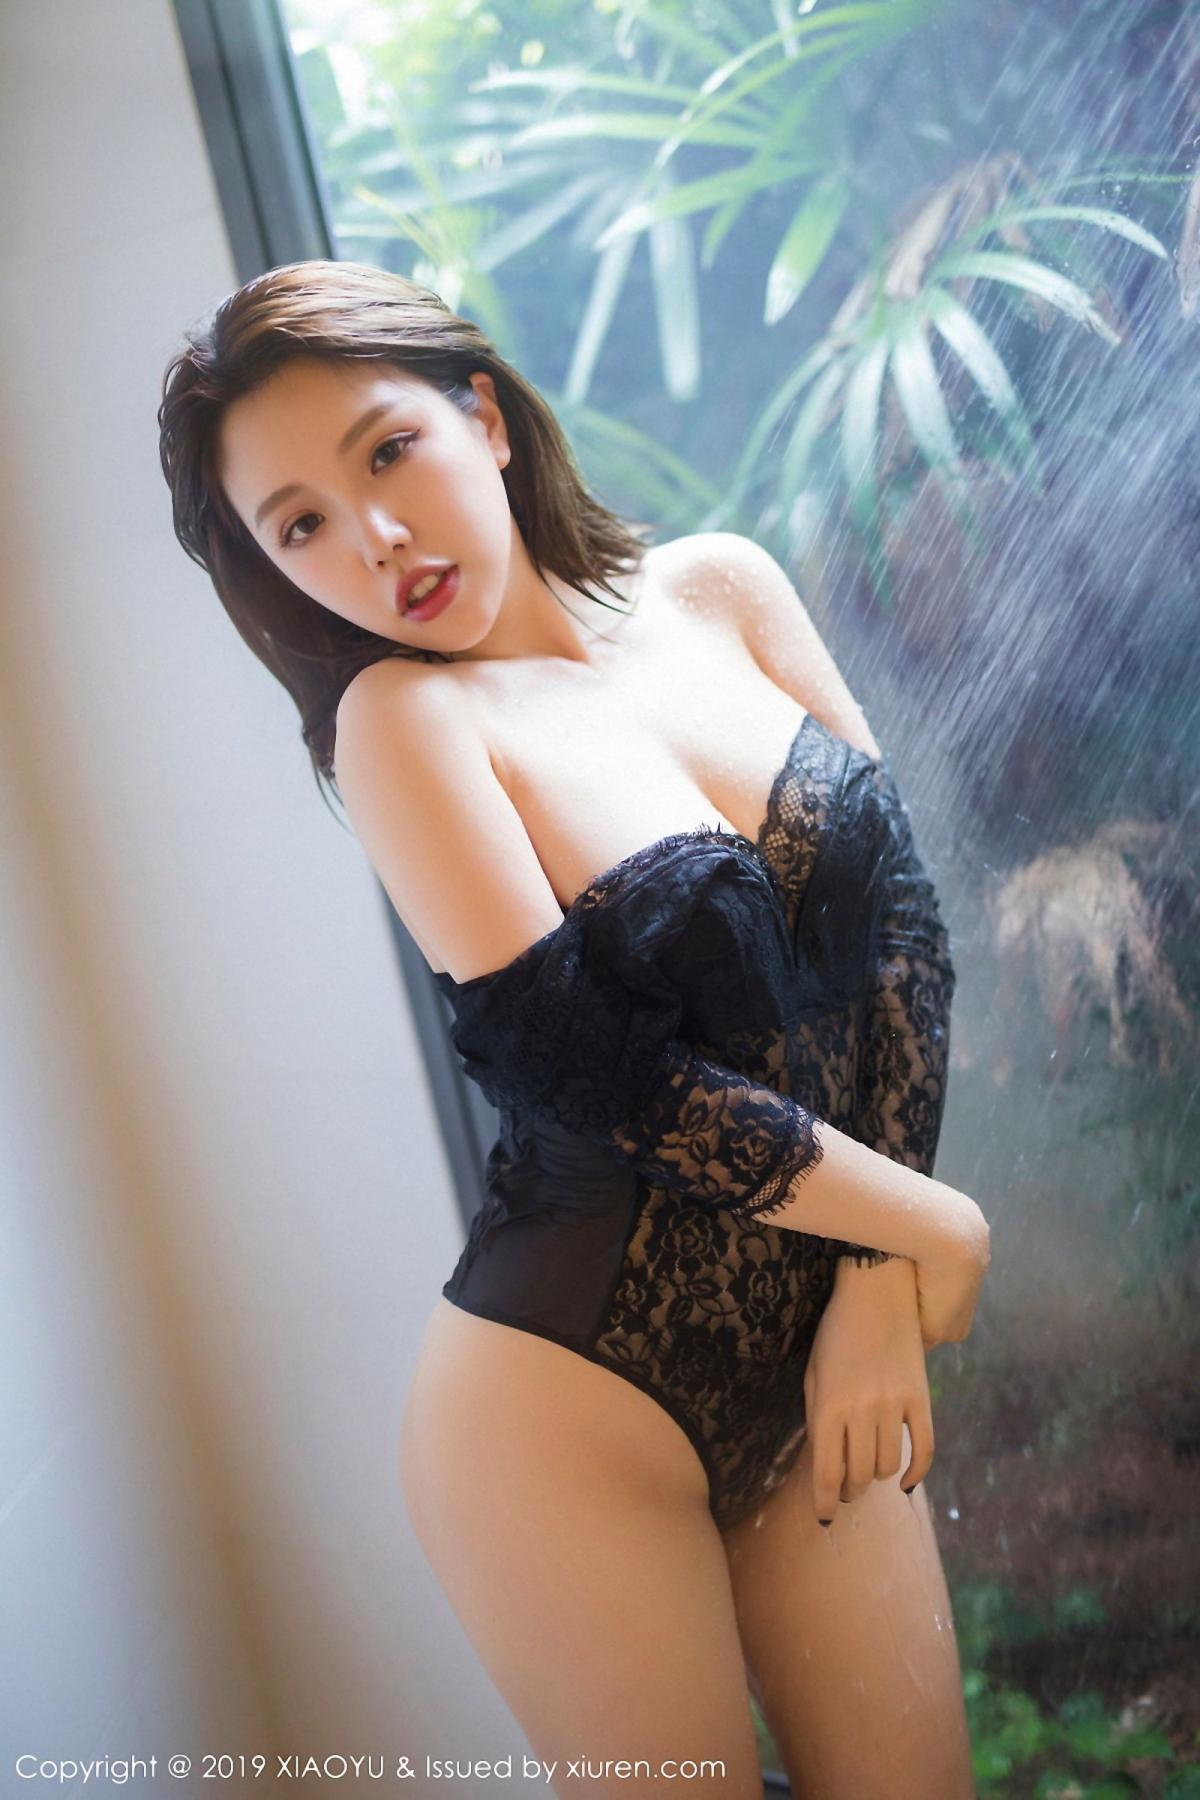 [XiaoYu] Vol.047 Huang Le Ran 42P, Huang Le Ran, Wet, XiaoYu